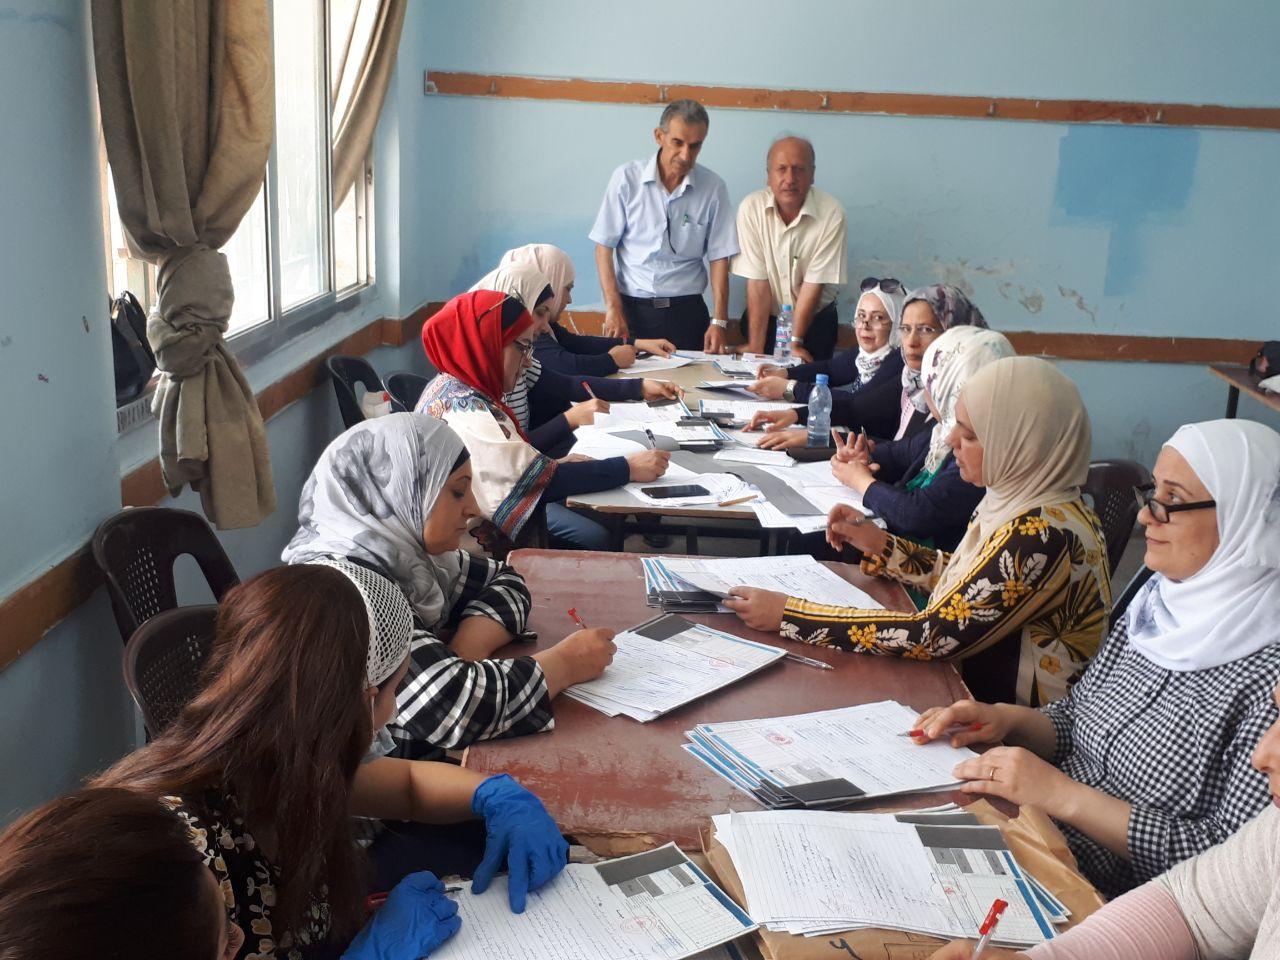 انجاز 60% من تصحيح الدفاتر الإمتحانية لمادة اللغة العربية في اللاذقية